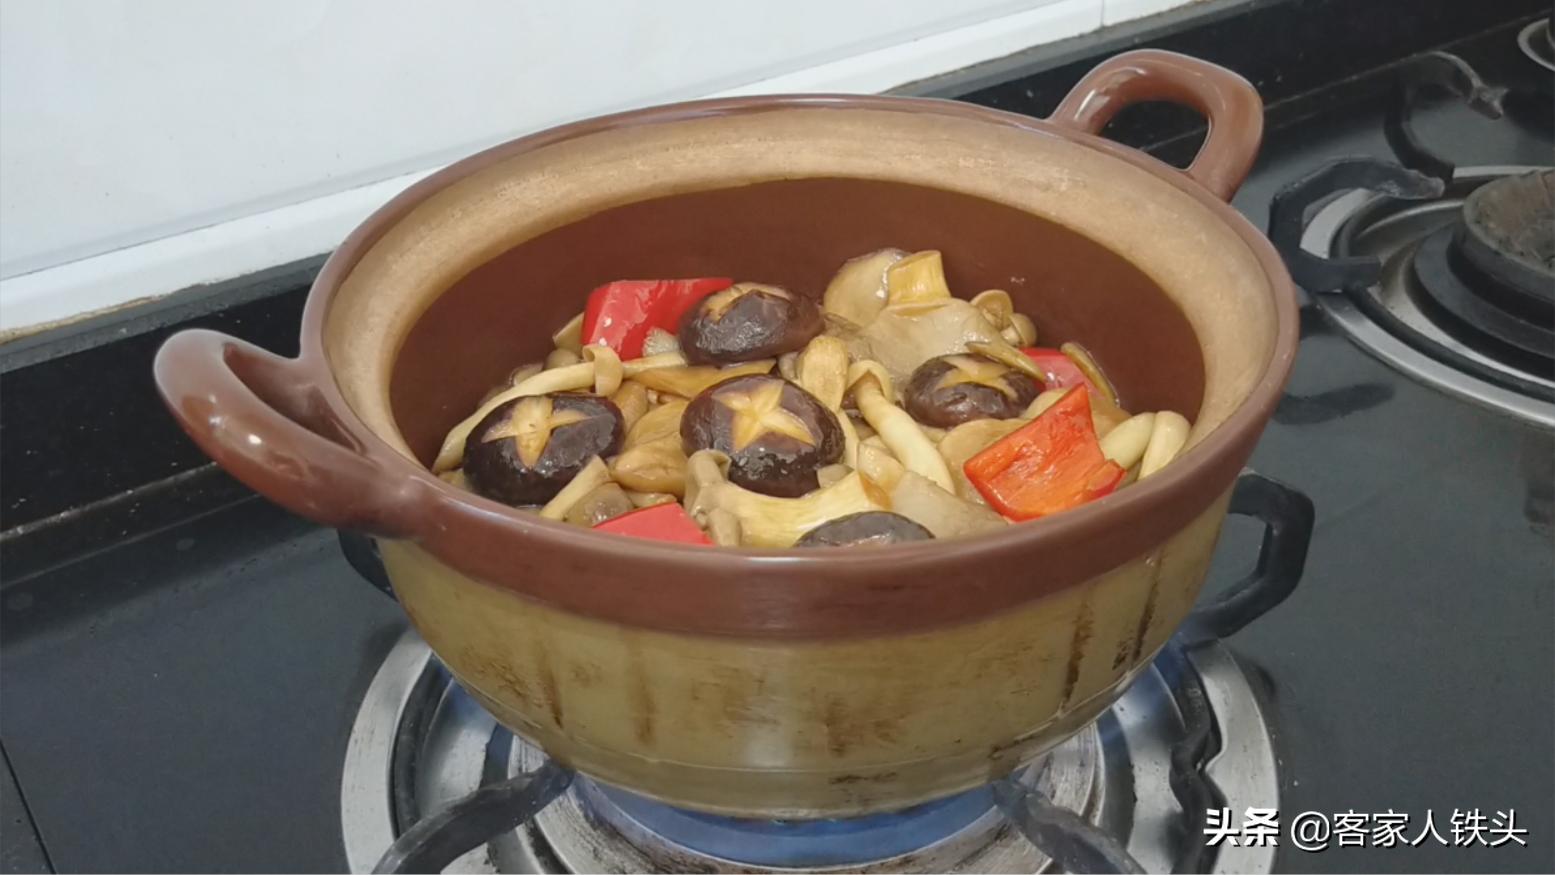 一鍋適合天冷吃的素菜煲,做法簡單,鮮滑爽口味道好跟吃肉一樣香